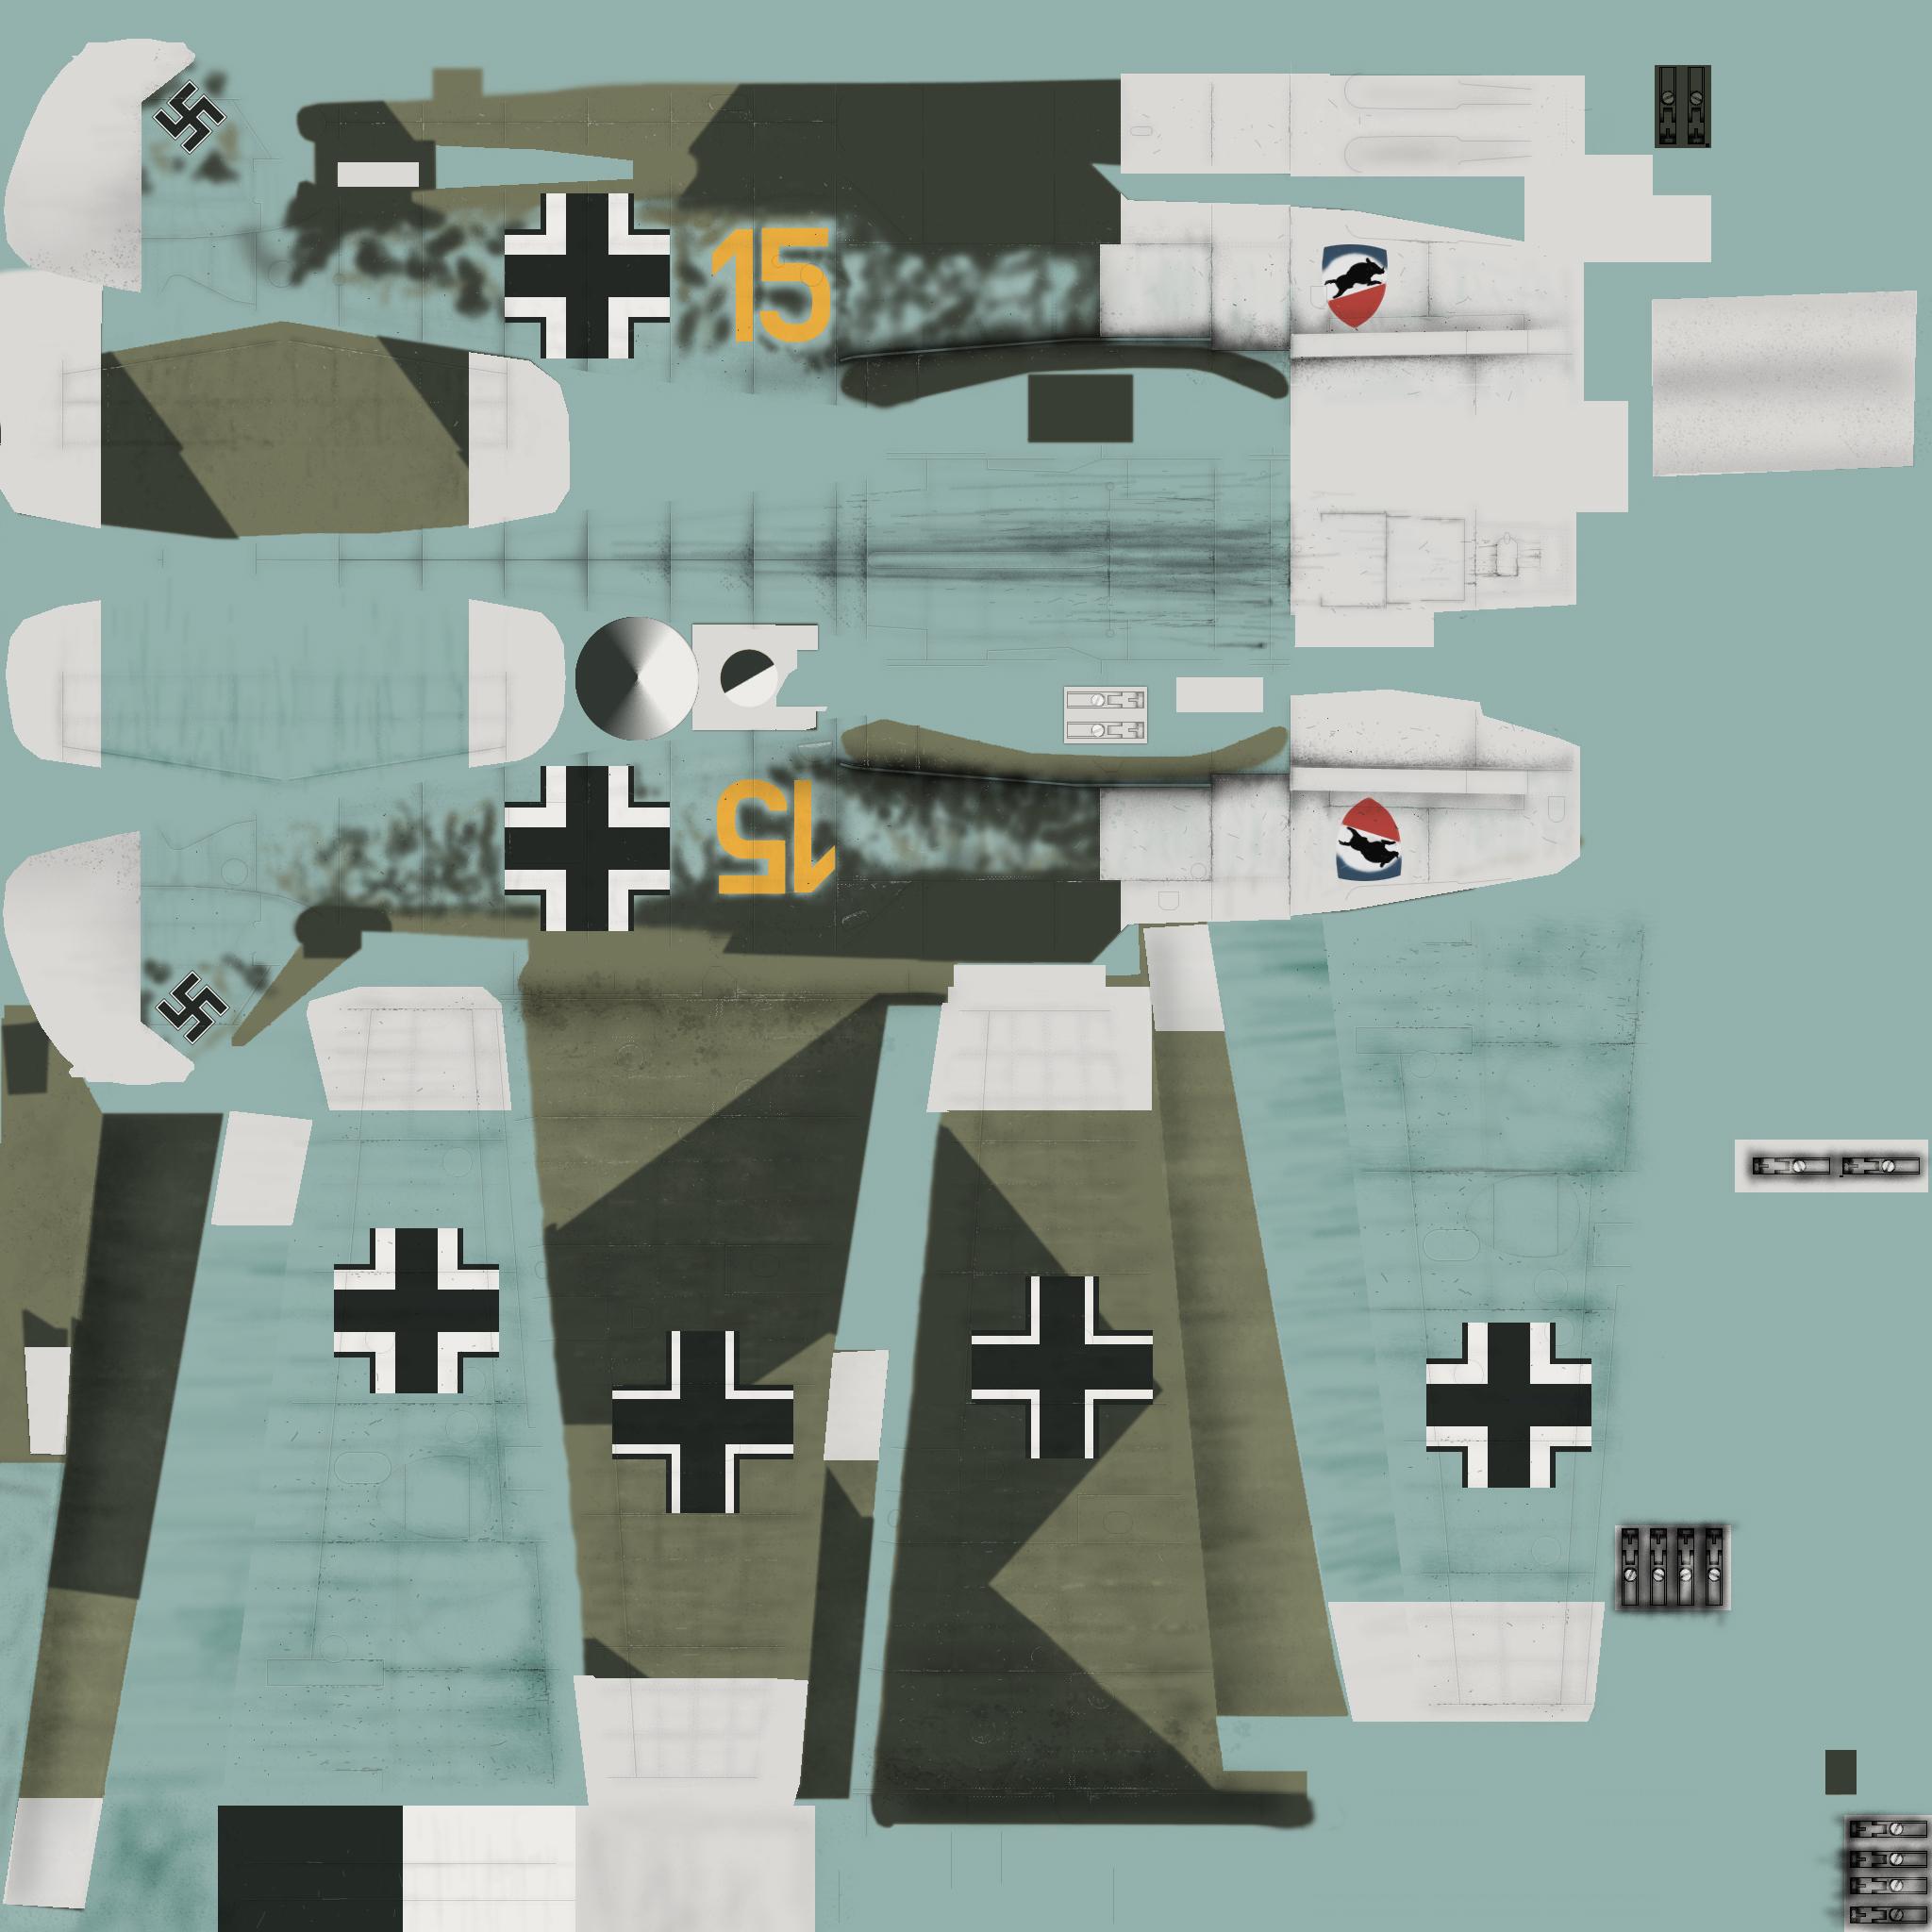 COD CF Bf 109E3 3.JG52 Y15 Kurt Wolff France 1940